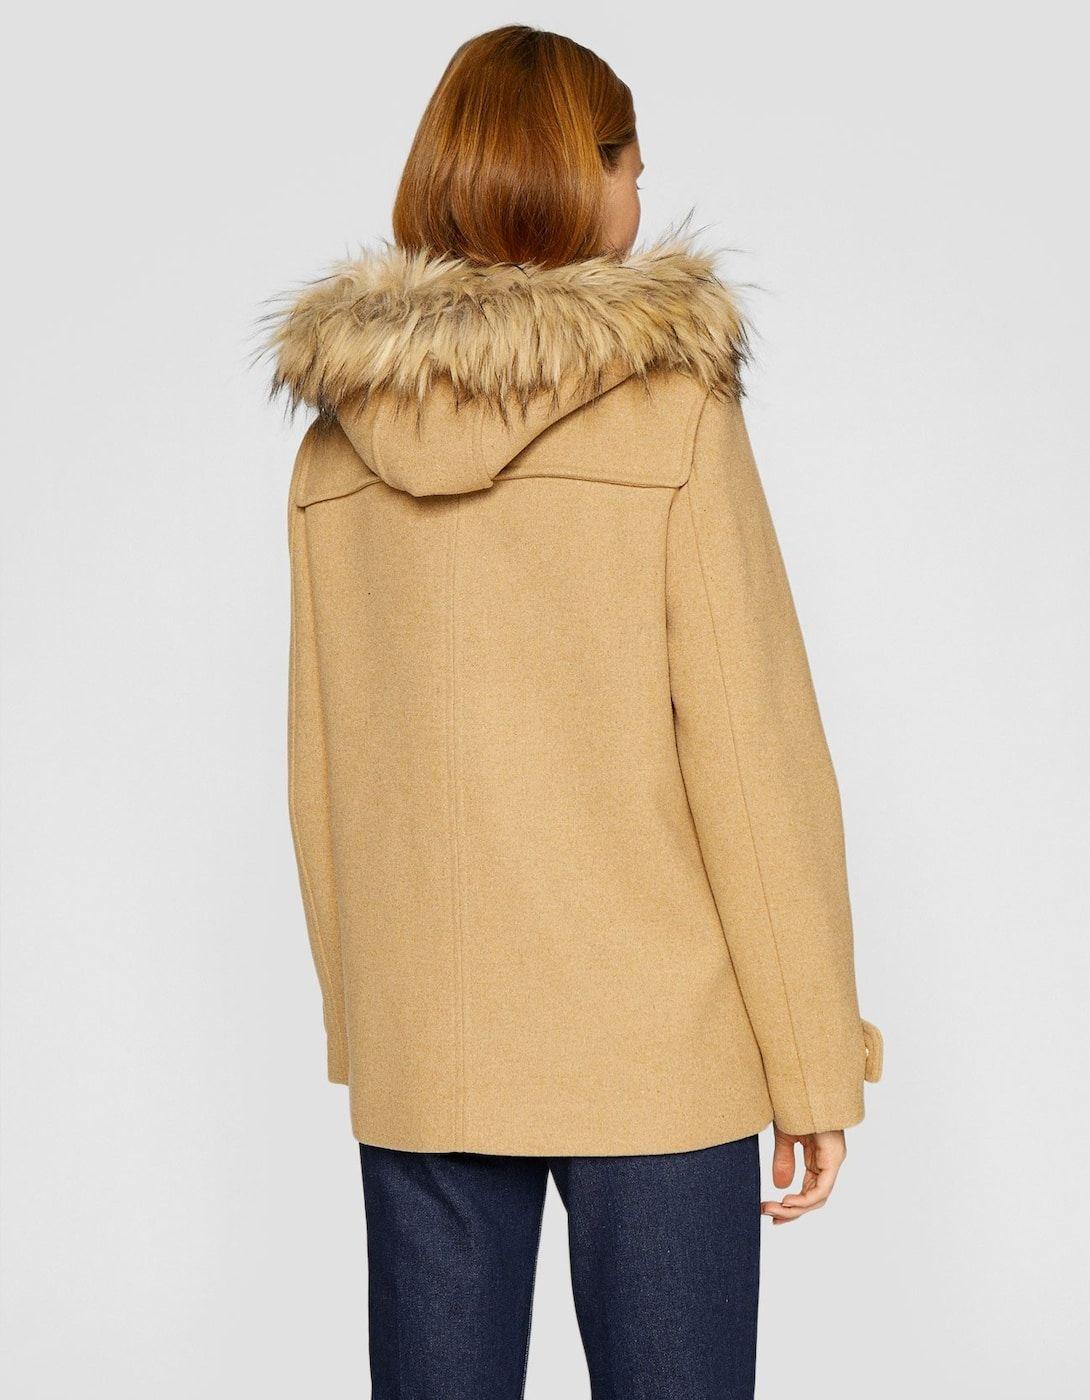 f7e1095a48deb Cazadora de paño con capucha lana - Abrigos de mujer